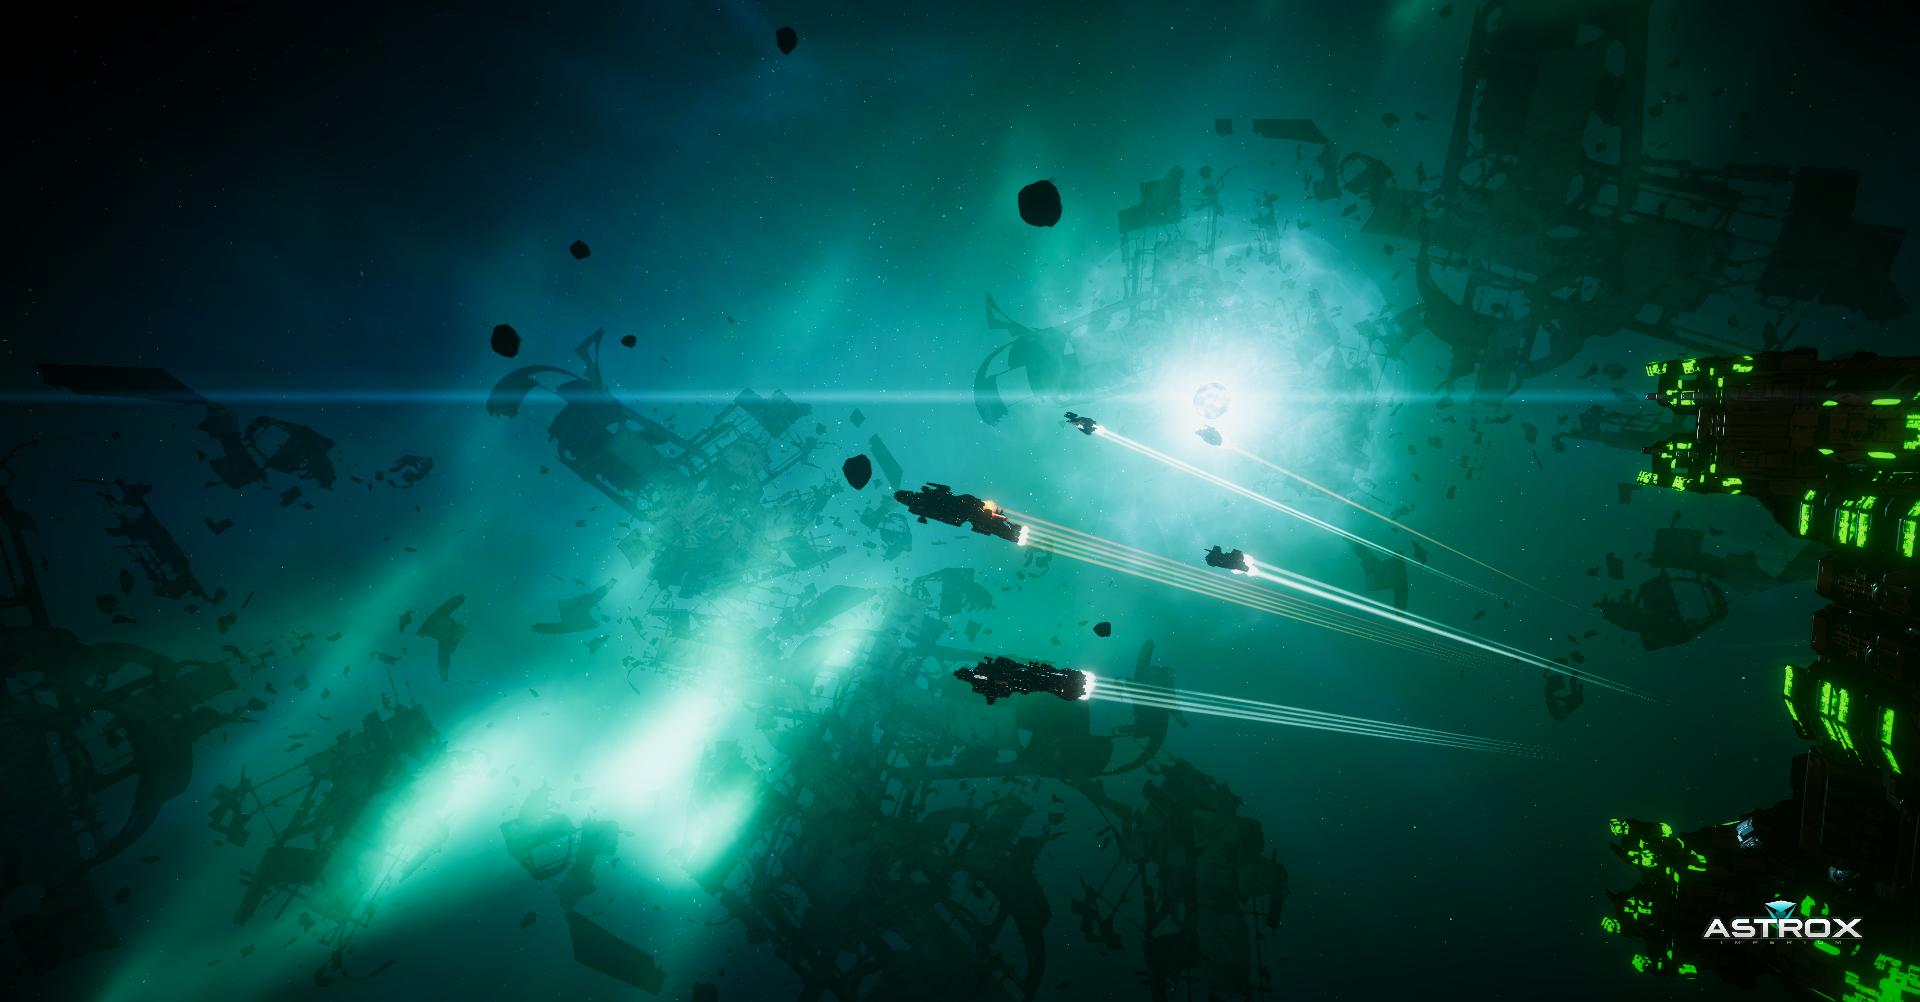 Astrox Imperium 2020 01 10 19 46